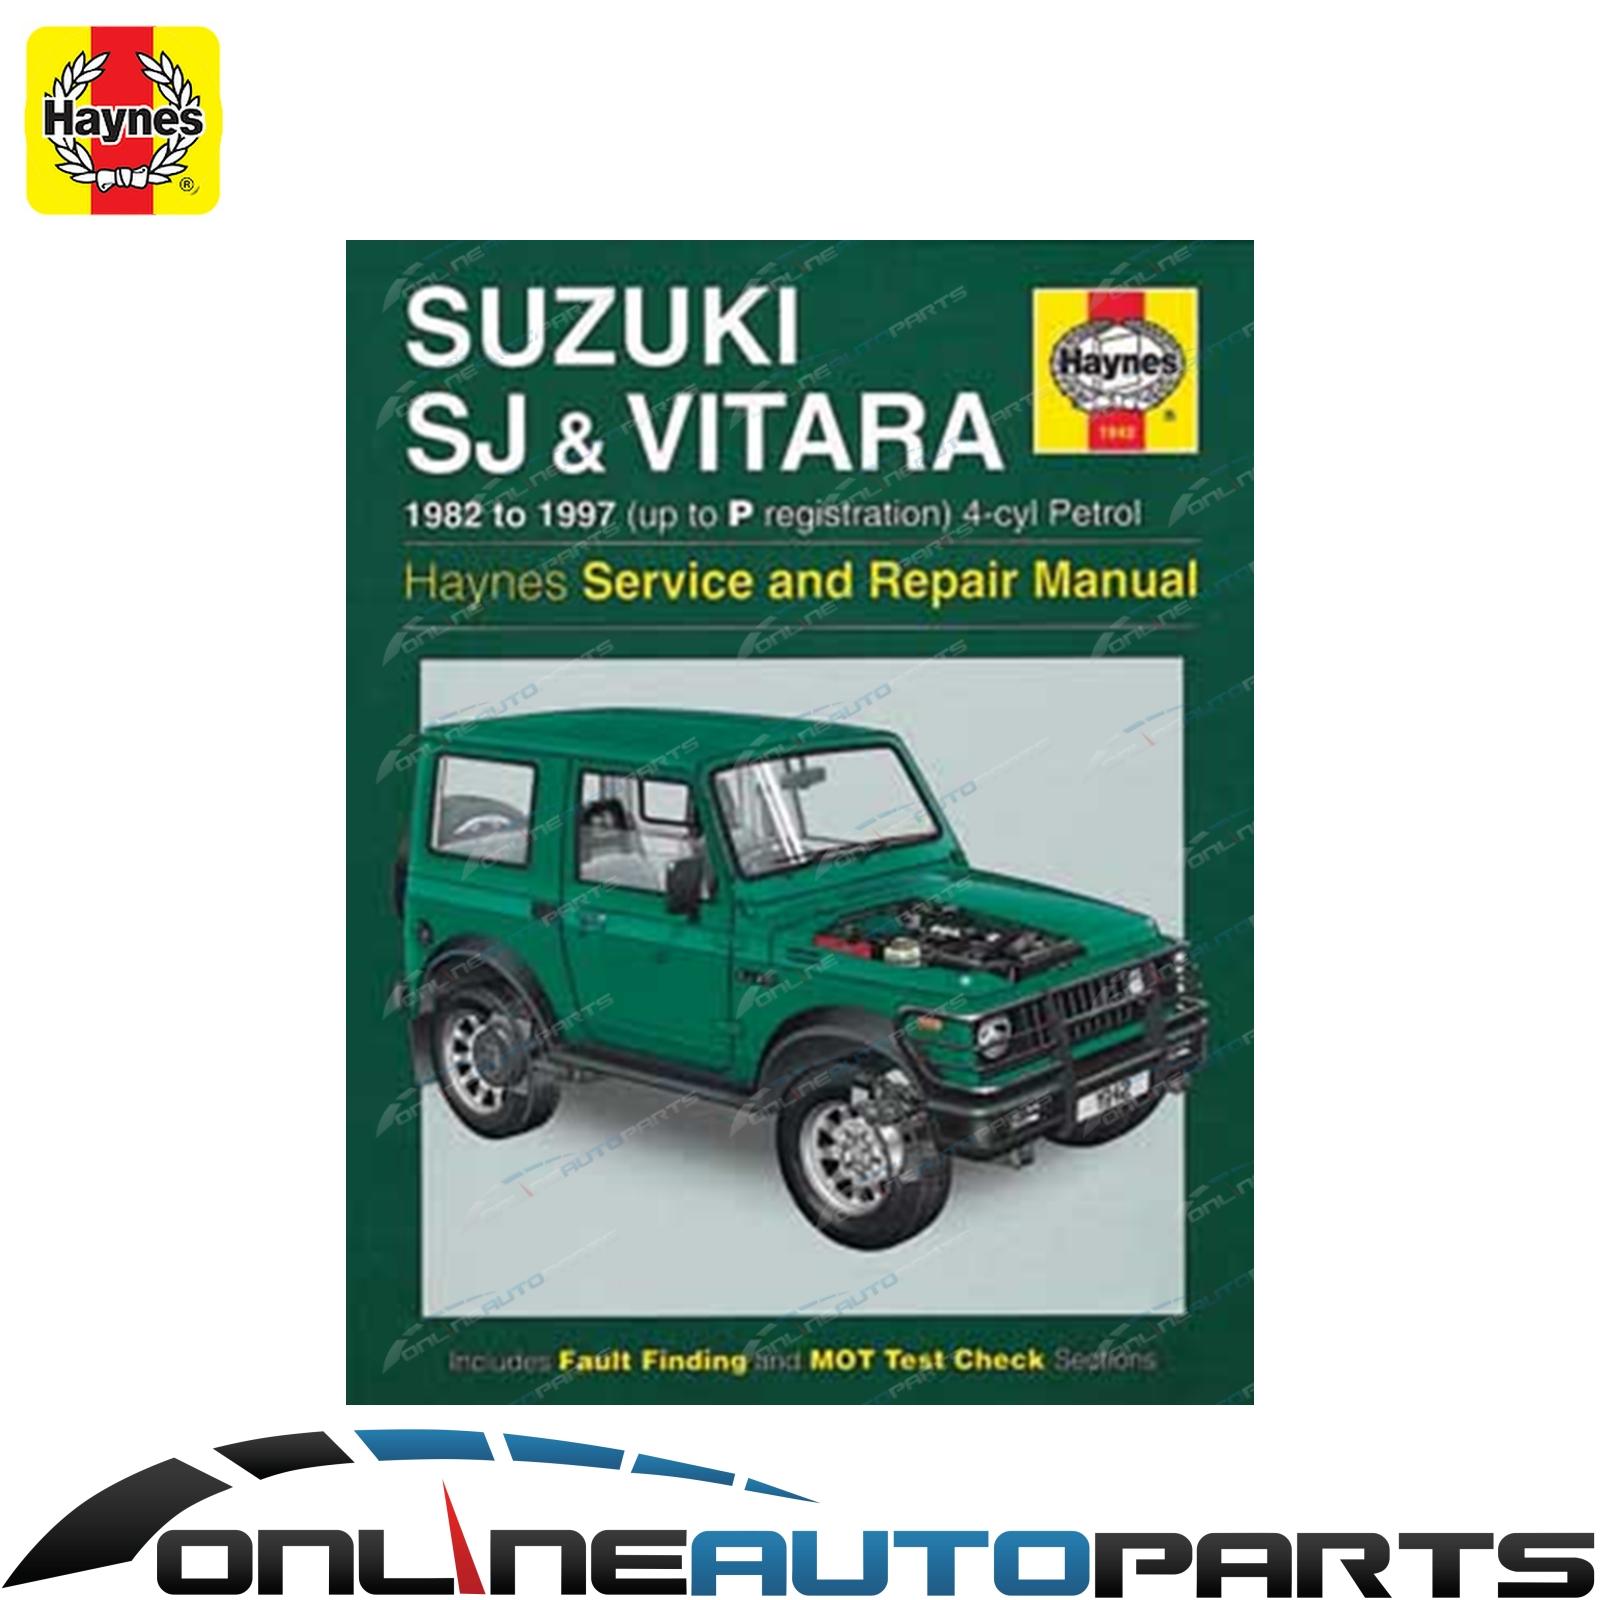 Haynes Car Repair Manual Book Sierra SJ40 SJ50 SJ70 SJ410 SJ413 1981-1996